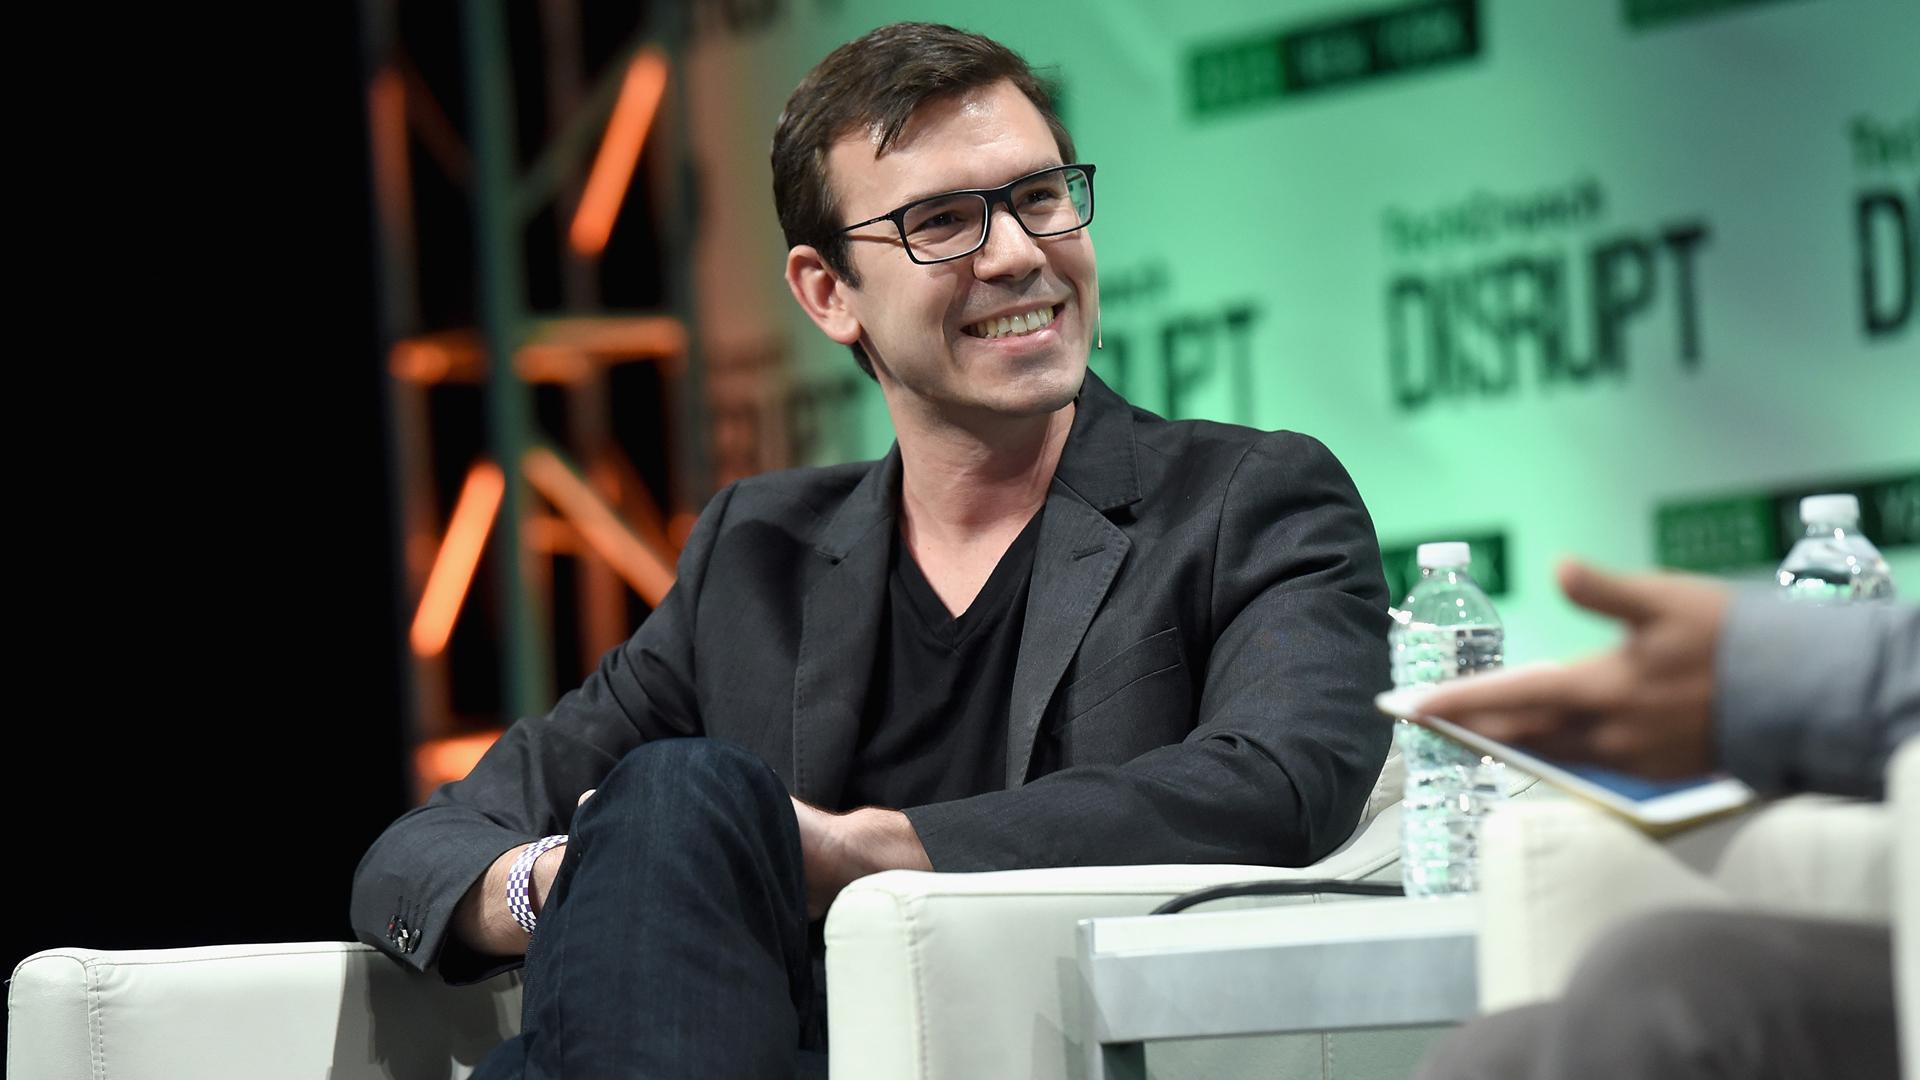 Студия Mountaintop, которую возглавил сооснователь Oculus, привлекла $5,5 млн на разработку игр